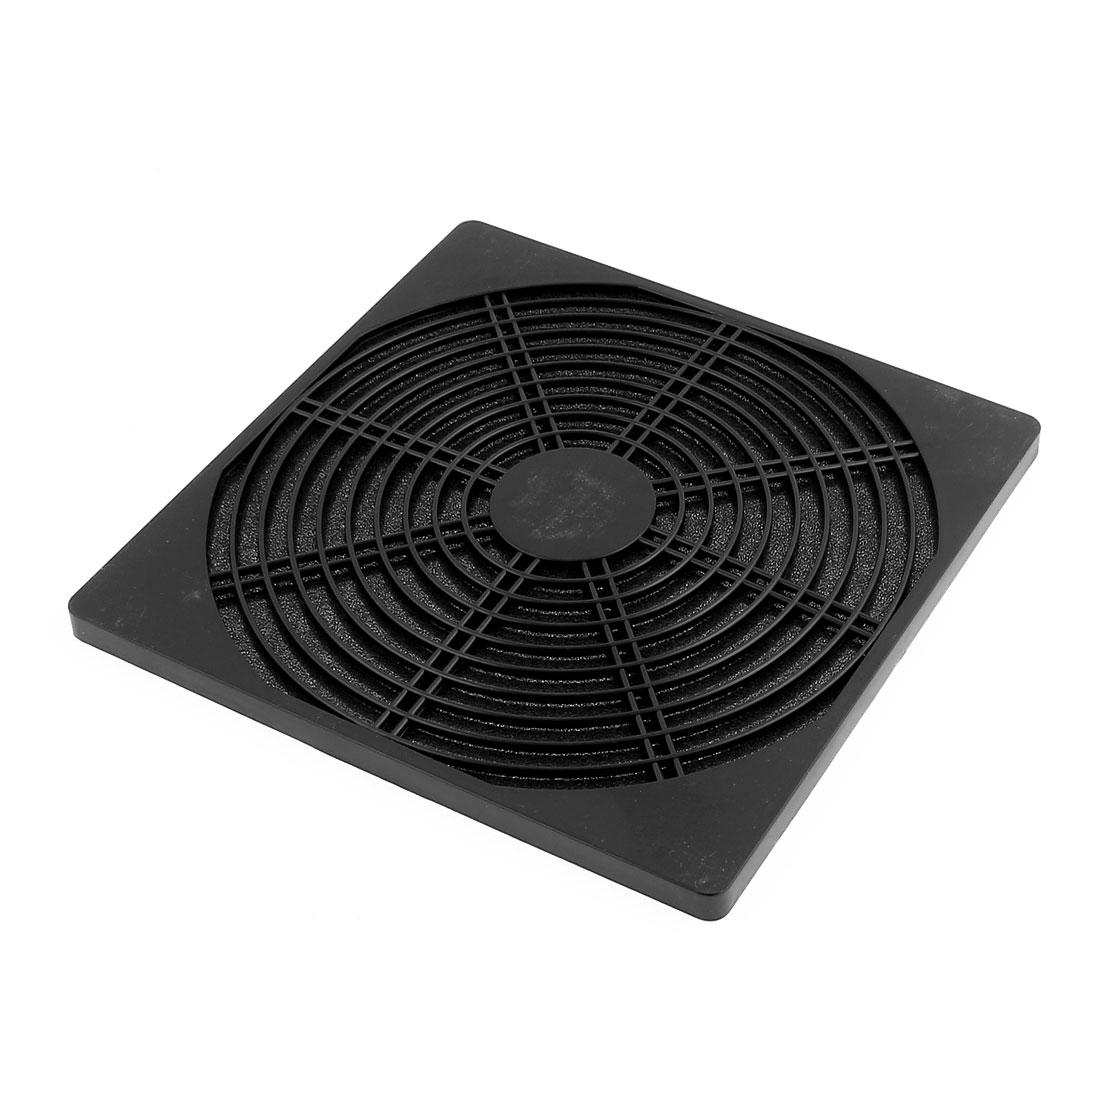 206mm x 206mm Dustproof Case PC Computer Case Fan Dust Filter